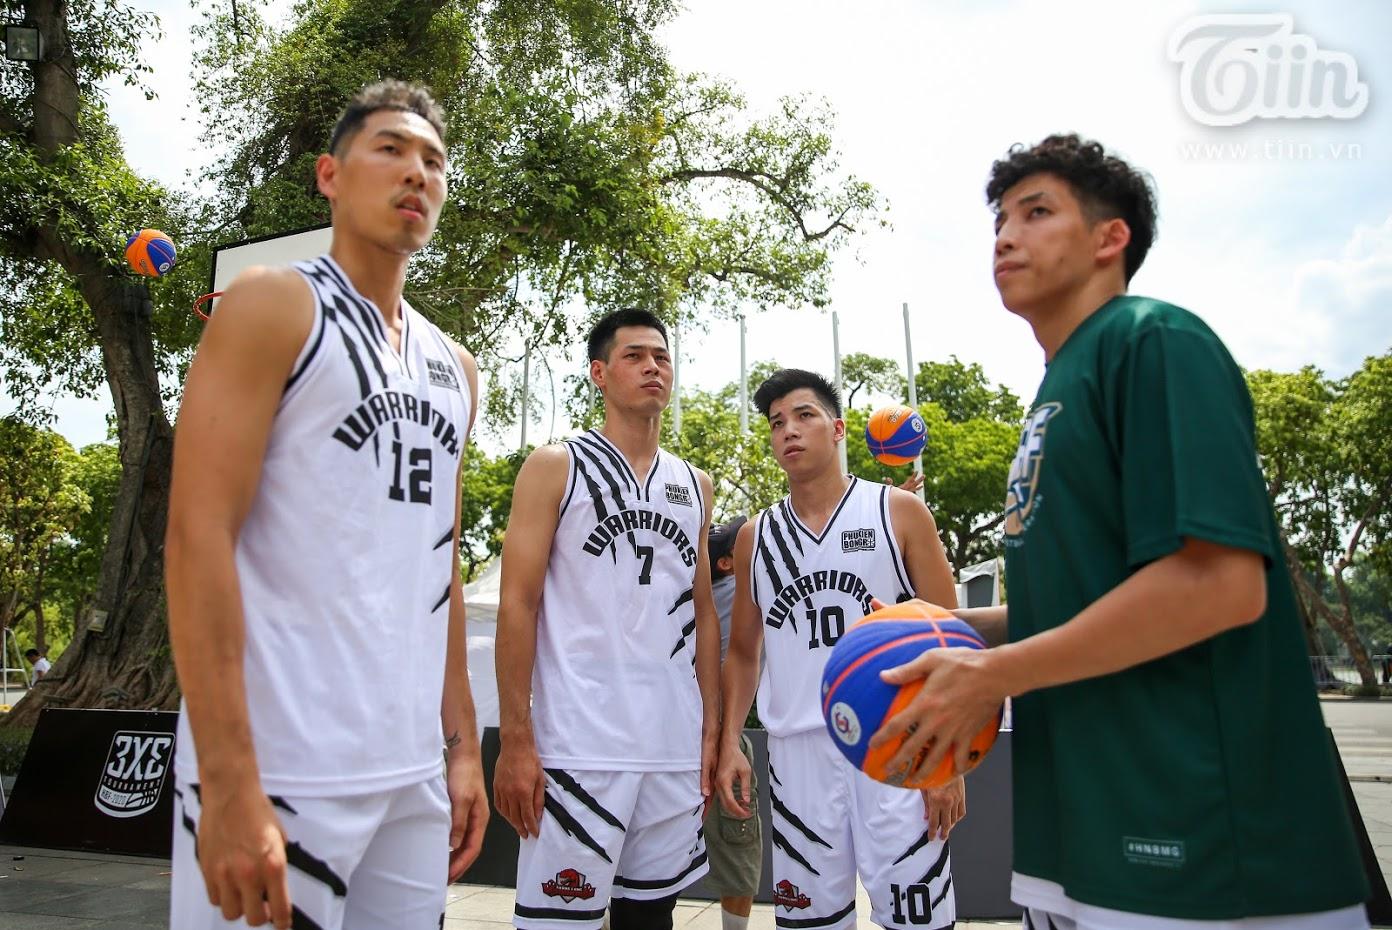 Đội hình của Thanglong Warriors tham dự giải đấu.